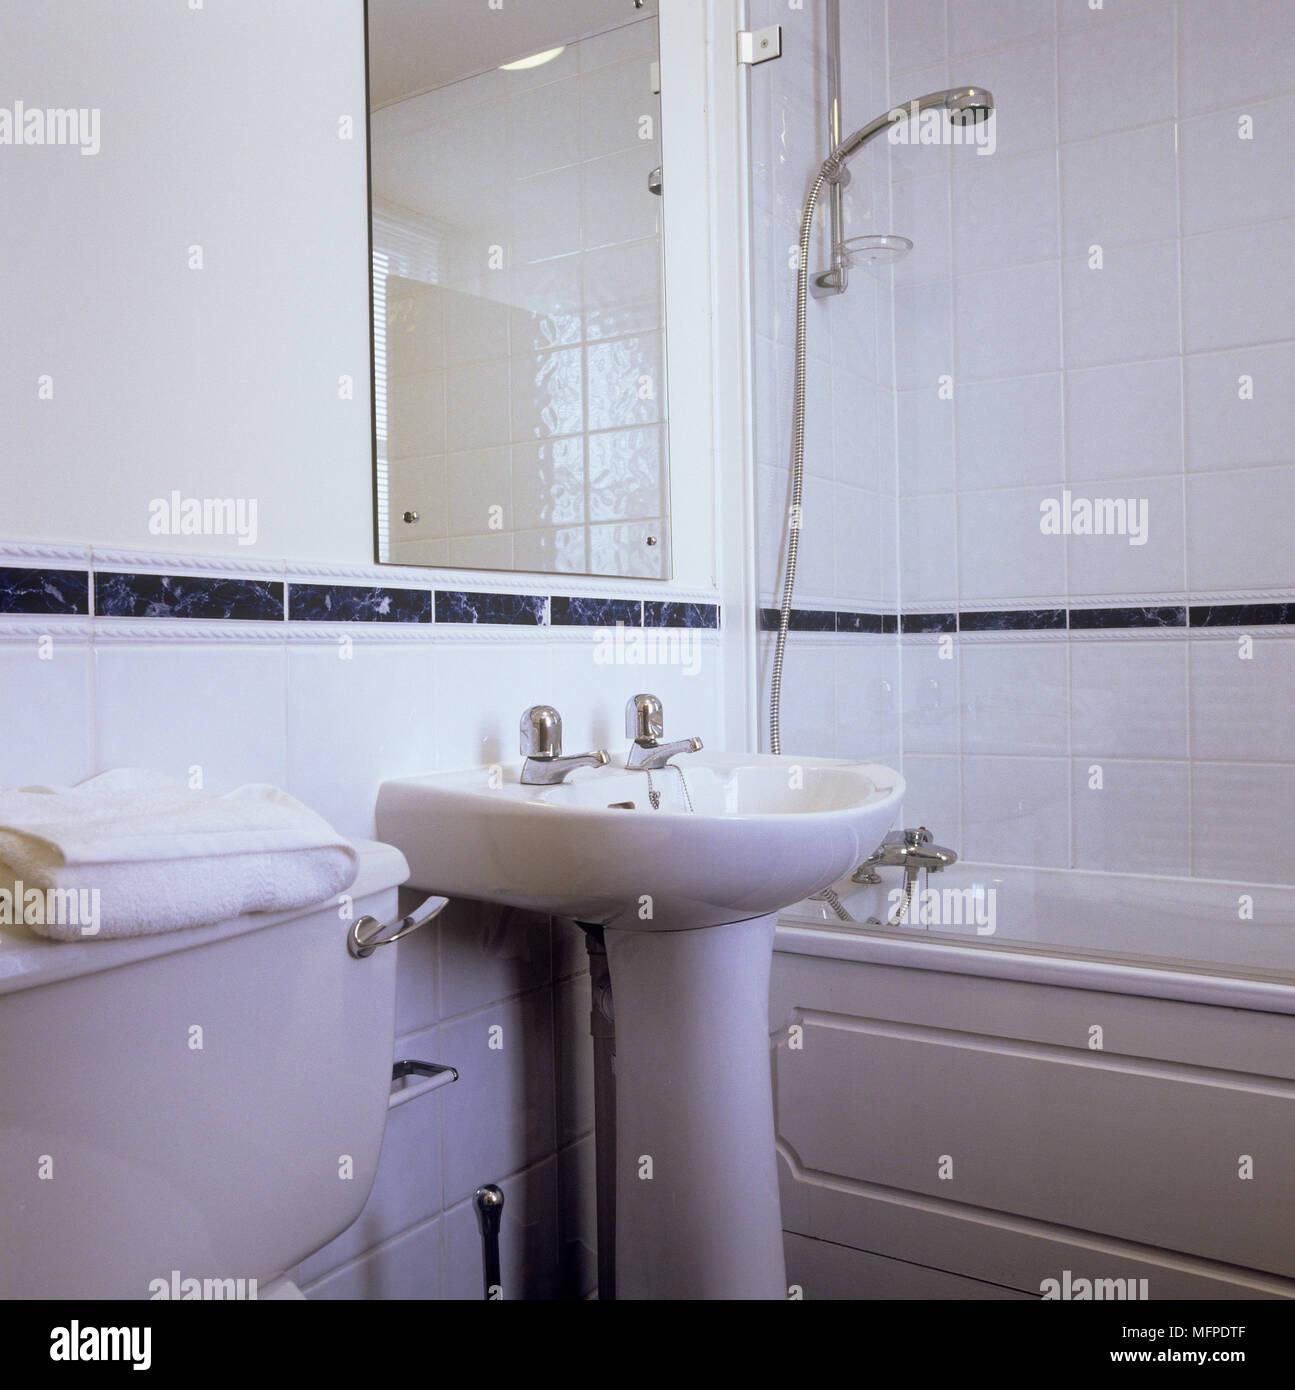 Sockel Waschbecken Neben Badewanne Mit Dusche über Der Badewanne In